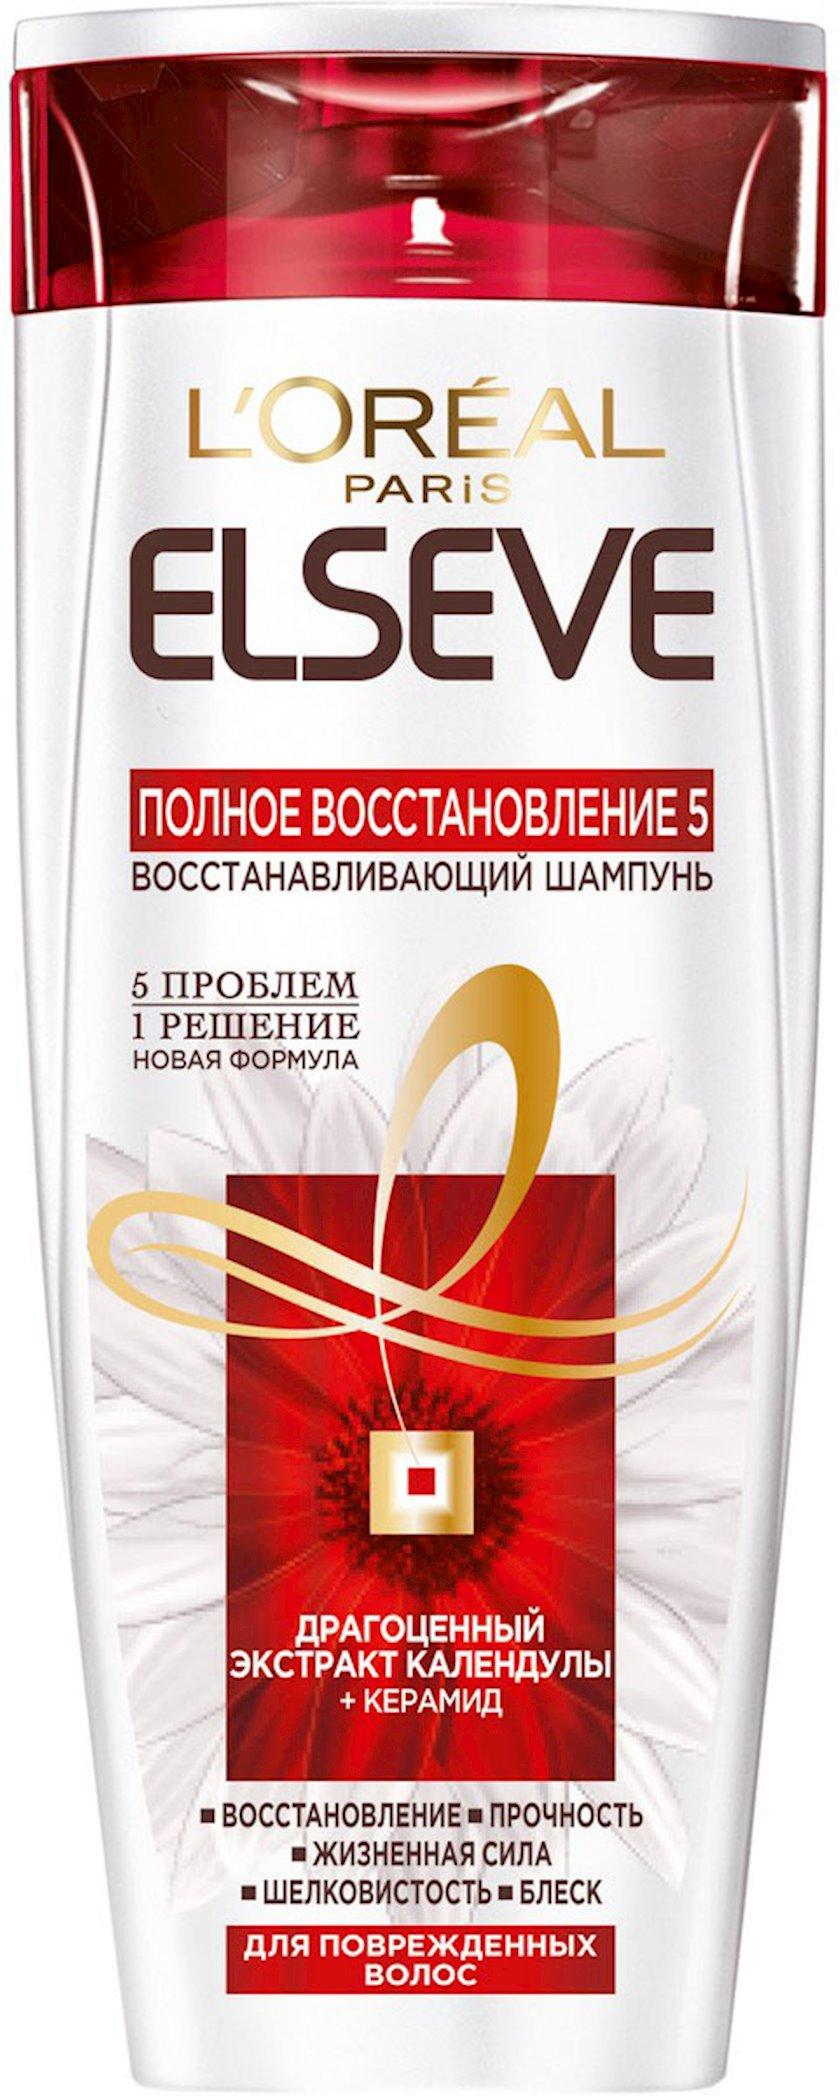 Şampun L'Oreal Paris Elseve Tam bərpa 5, zəif və ya zədələnmiş saçlar üçün 250 ml